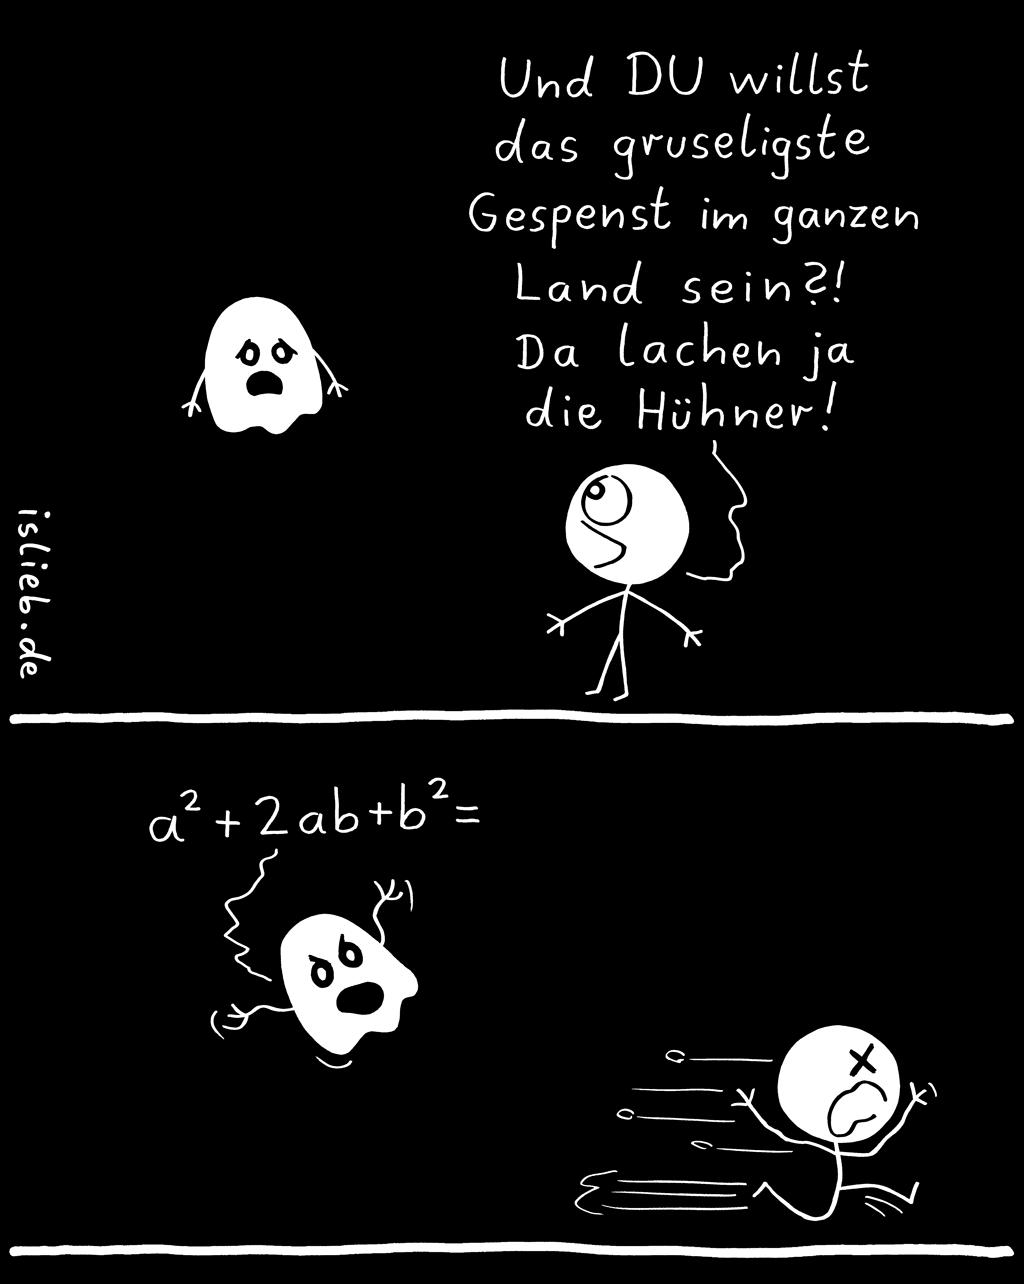 Schreckgespenst | Grusel-Comic | is lieb?